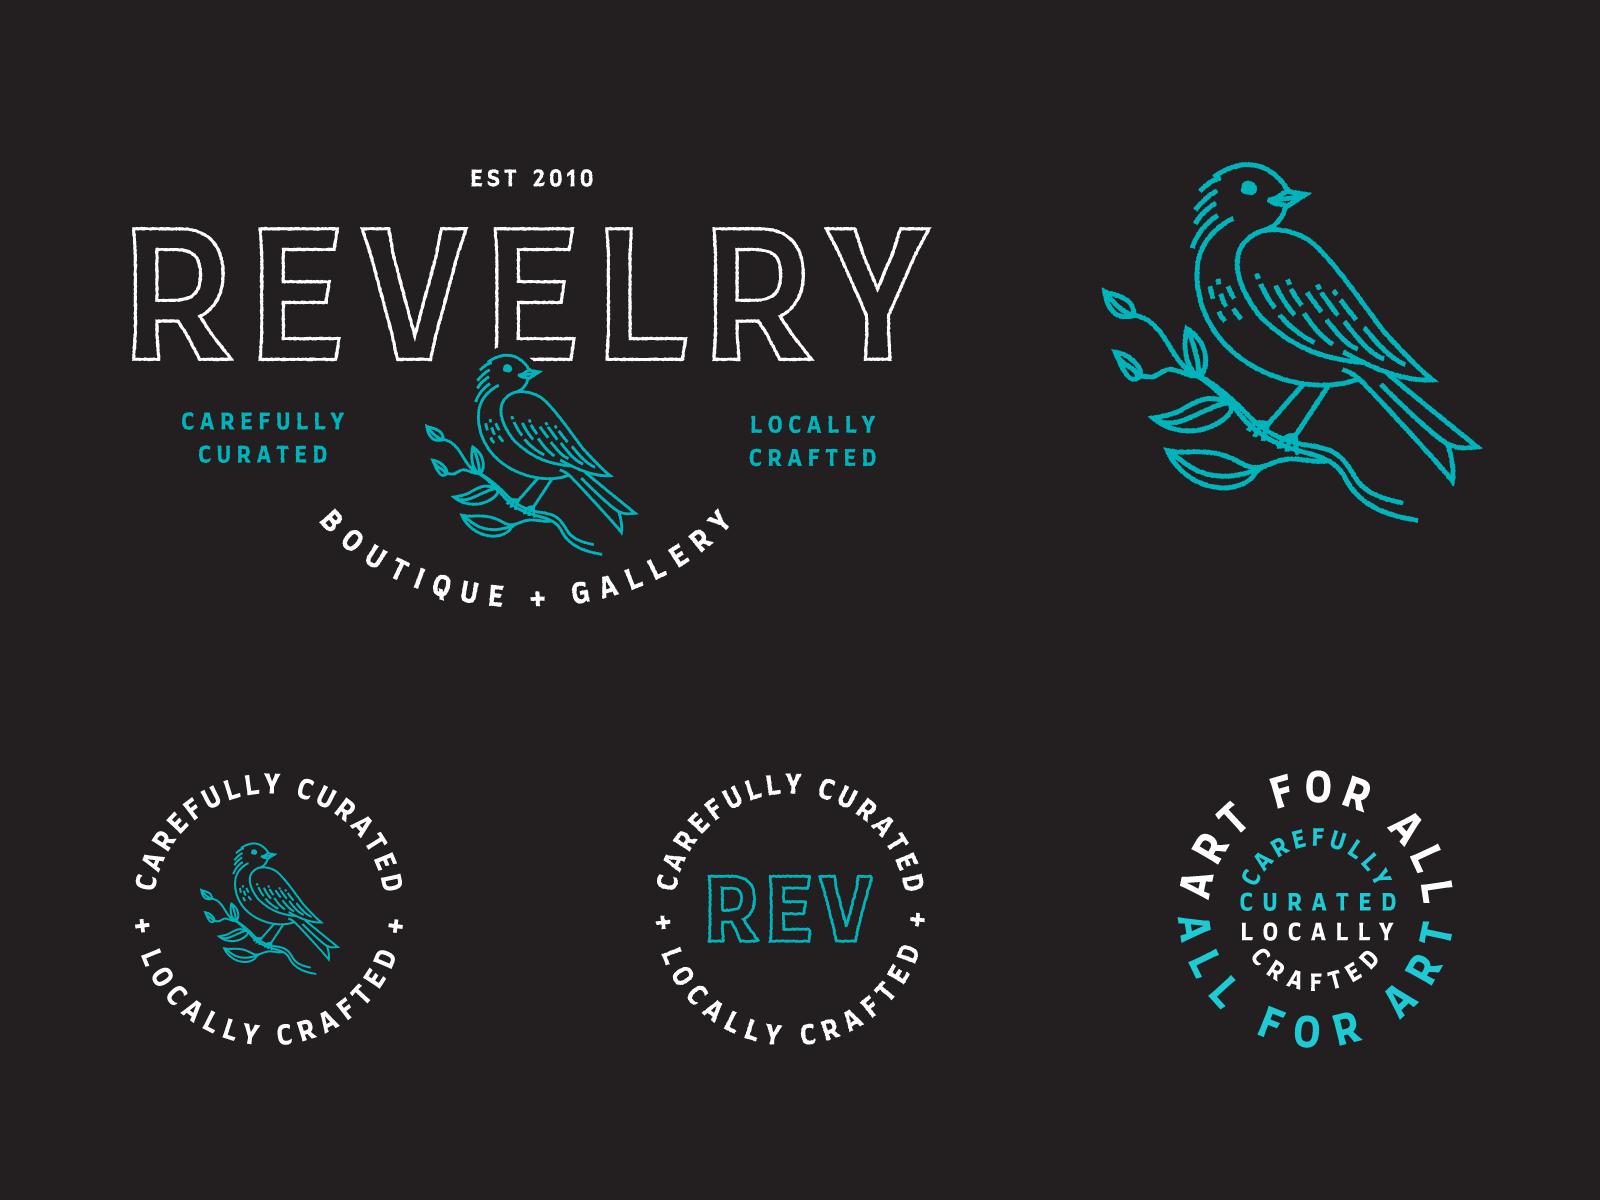 Revelry Brand Identity Marks